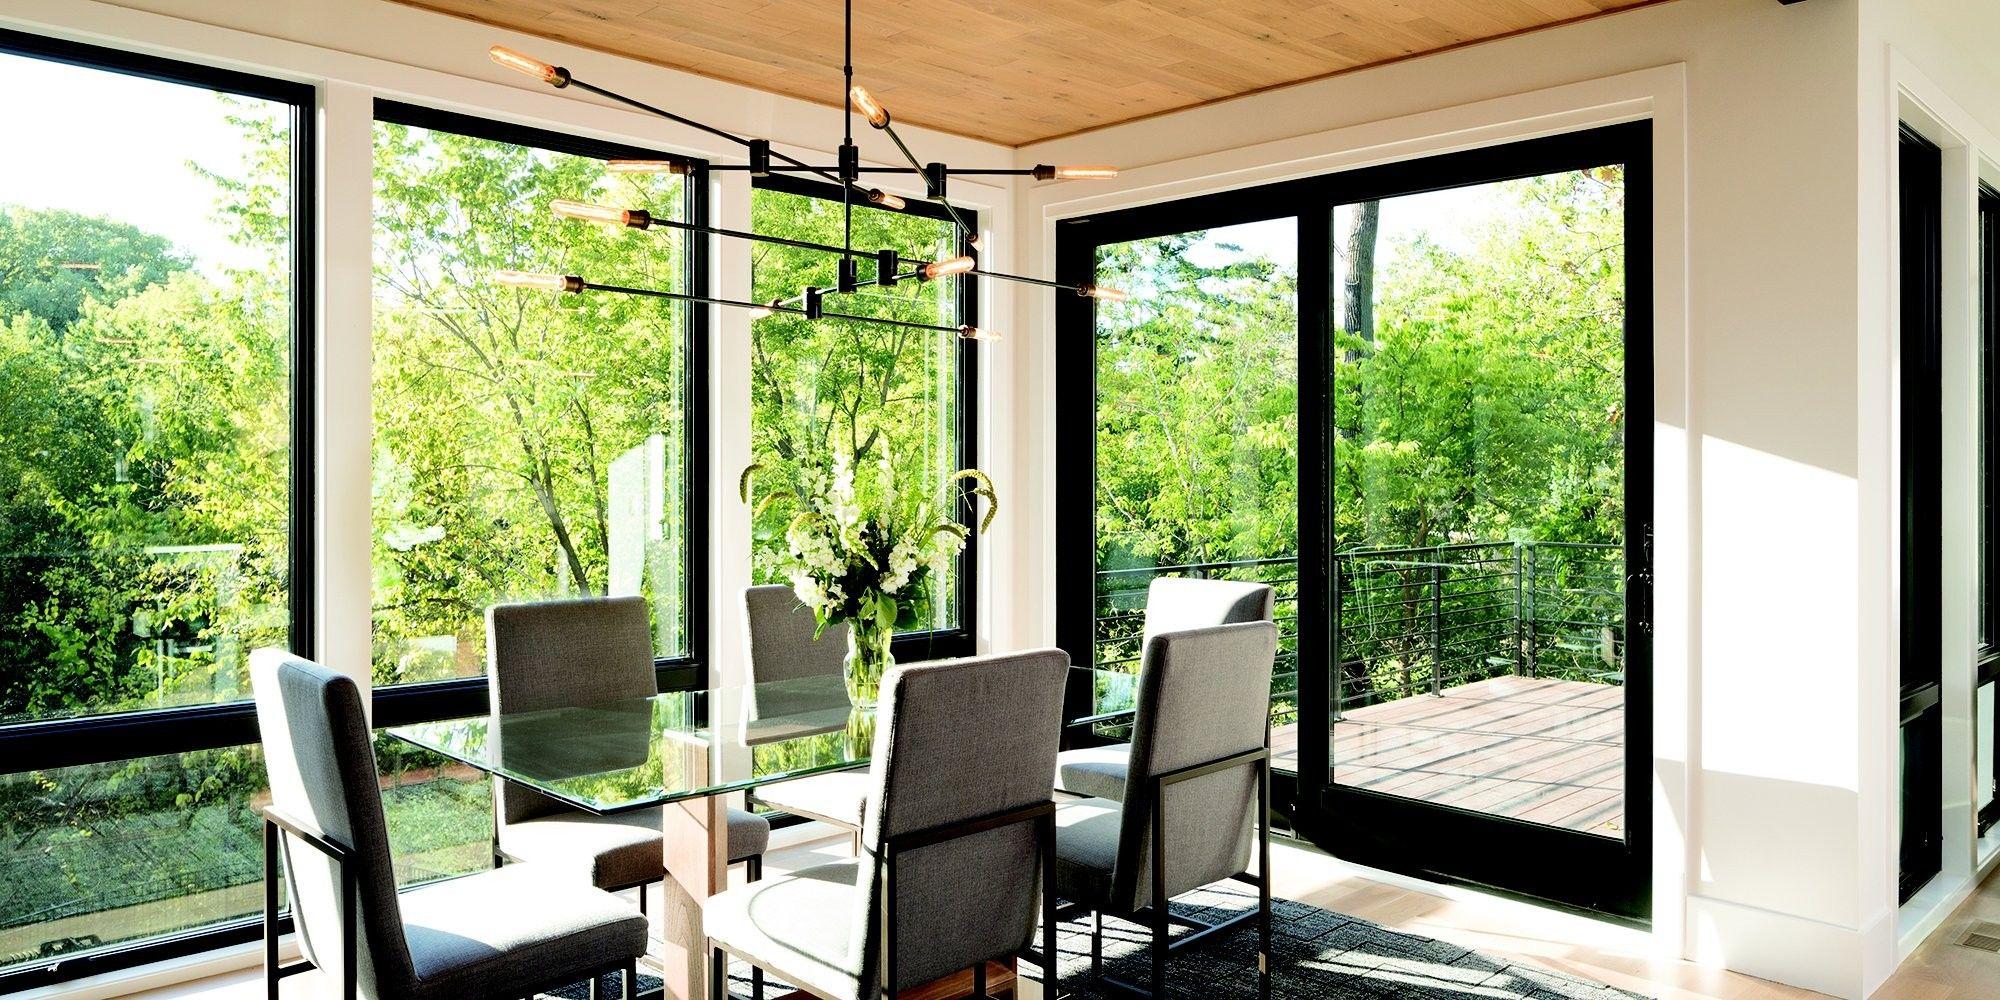 5 Cara Cerdas Membangun Rumah Sejuk Tanpa AC, Berani Coba?